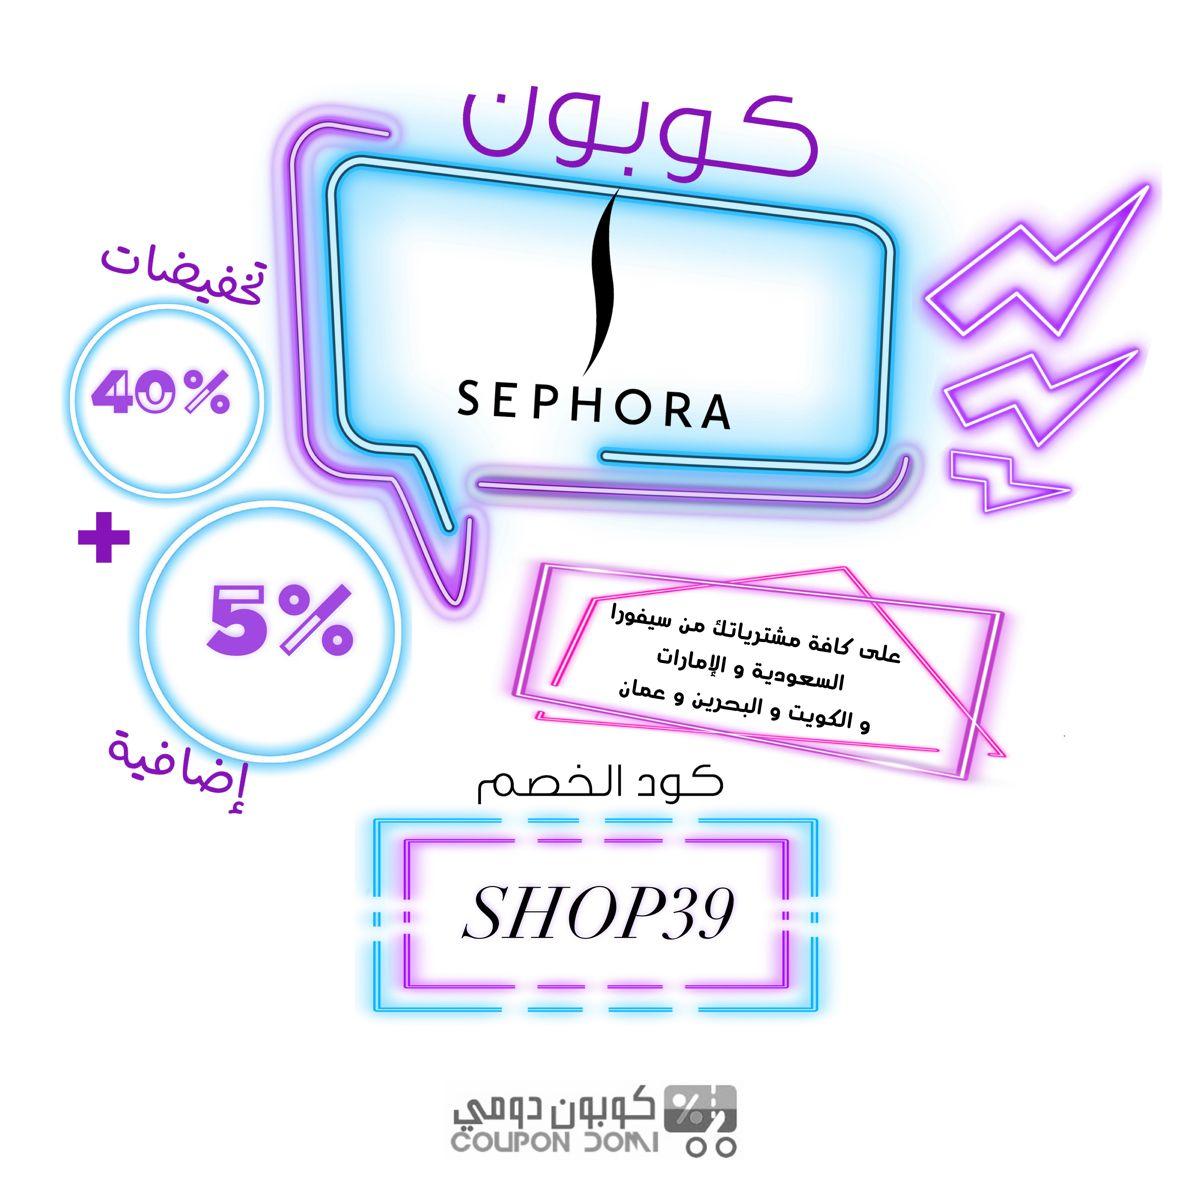 أحدث كود خصم سيفورا 5 إضافية على كافة المنتجات من Sephora Sephora Letters